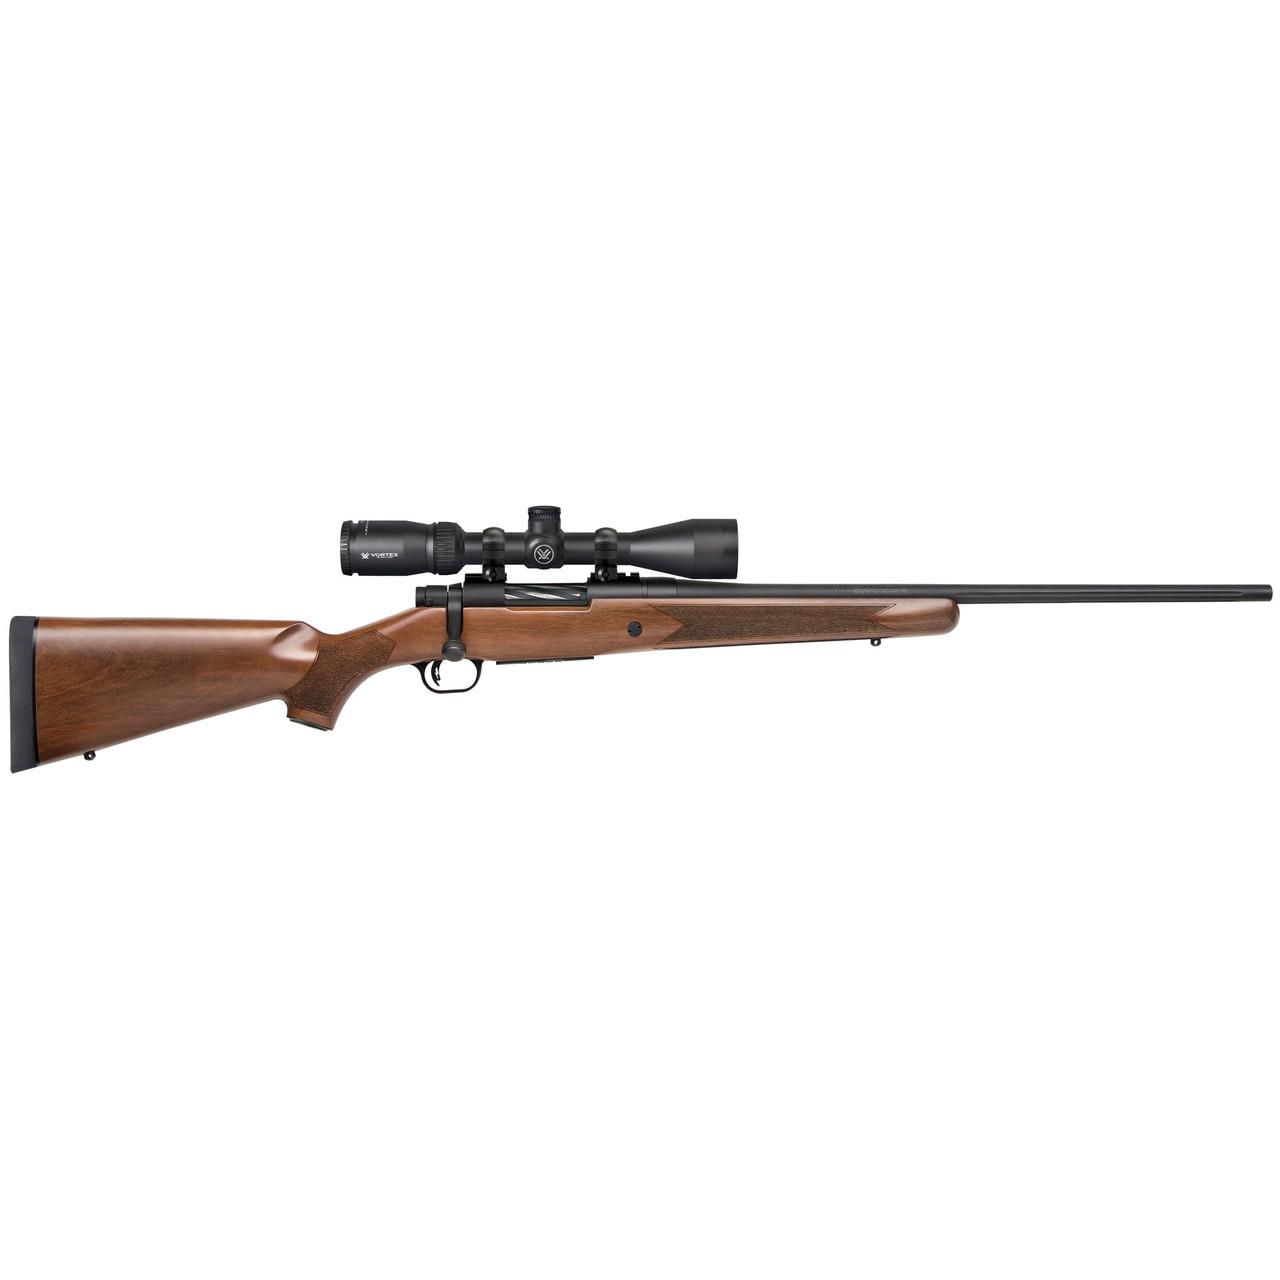 Mossberg Patriot w/Vortex Crossfire II 3-9x40mm Scope CALIFORNIA LEGAL - .308/7.62x51 - Walnut